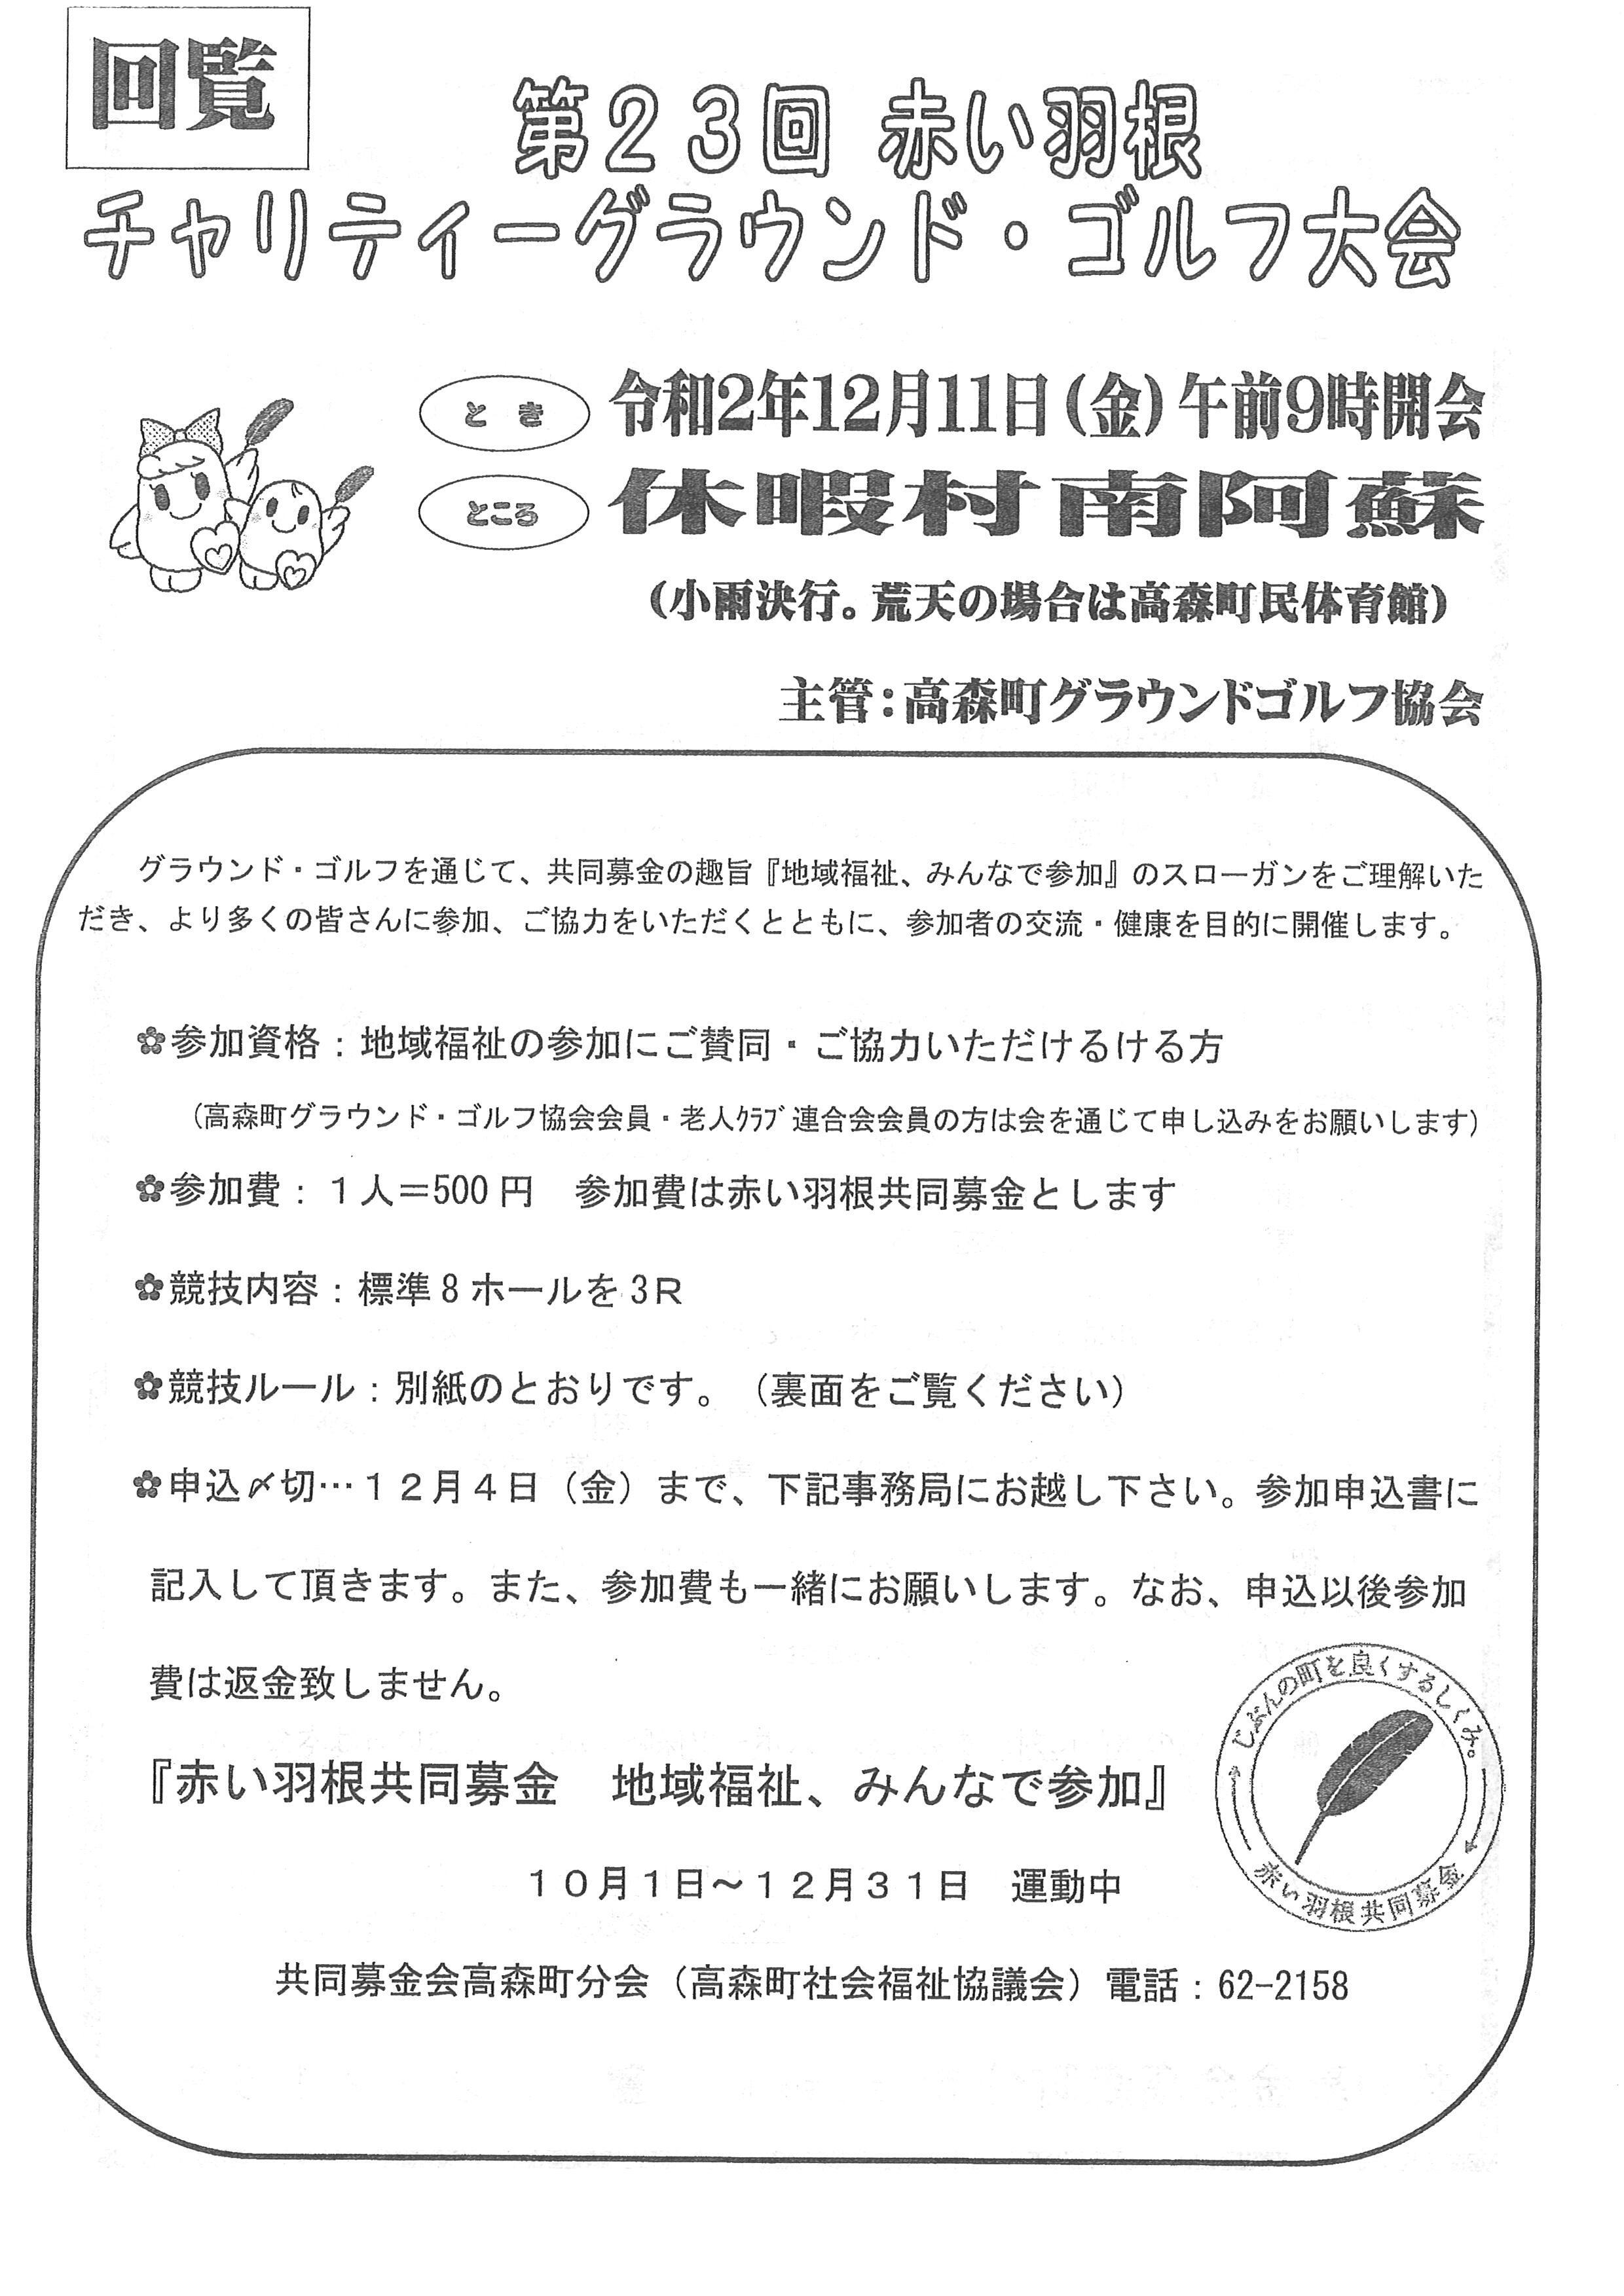 http://www.town.takamori.kumamoto.jp/chosha/somu/upload/5eda3ef3626a81dd619a98506e9108ac65d5ff35.jpg